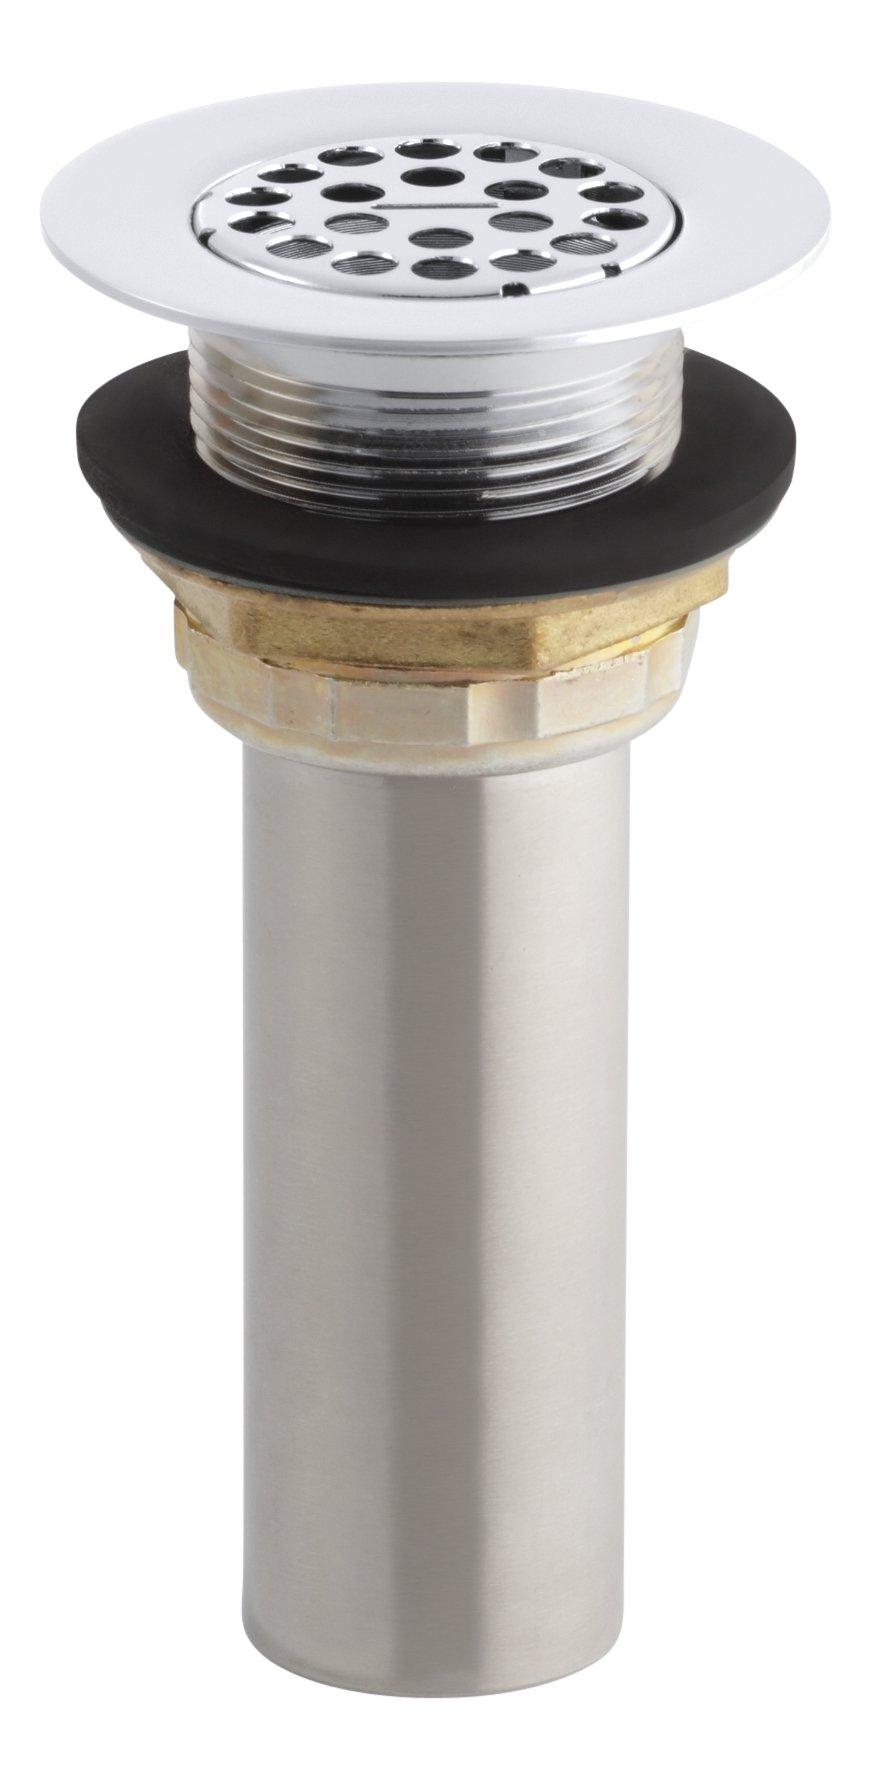 KOHLER K-8820-CP Sink Strainer, Polished Chrome